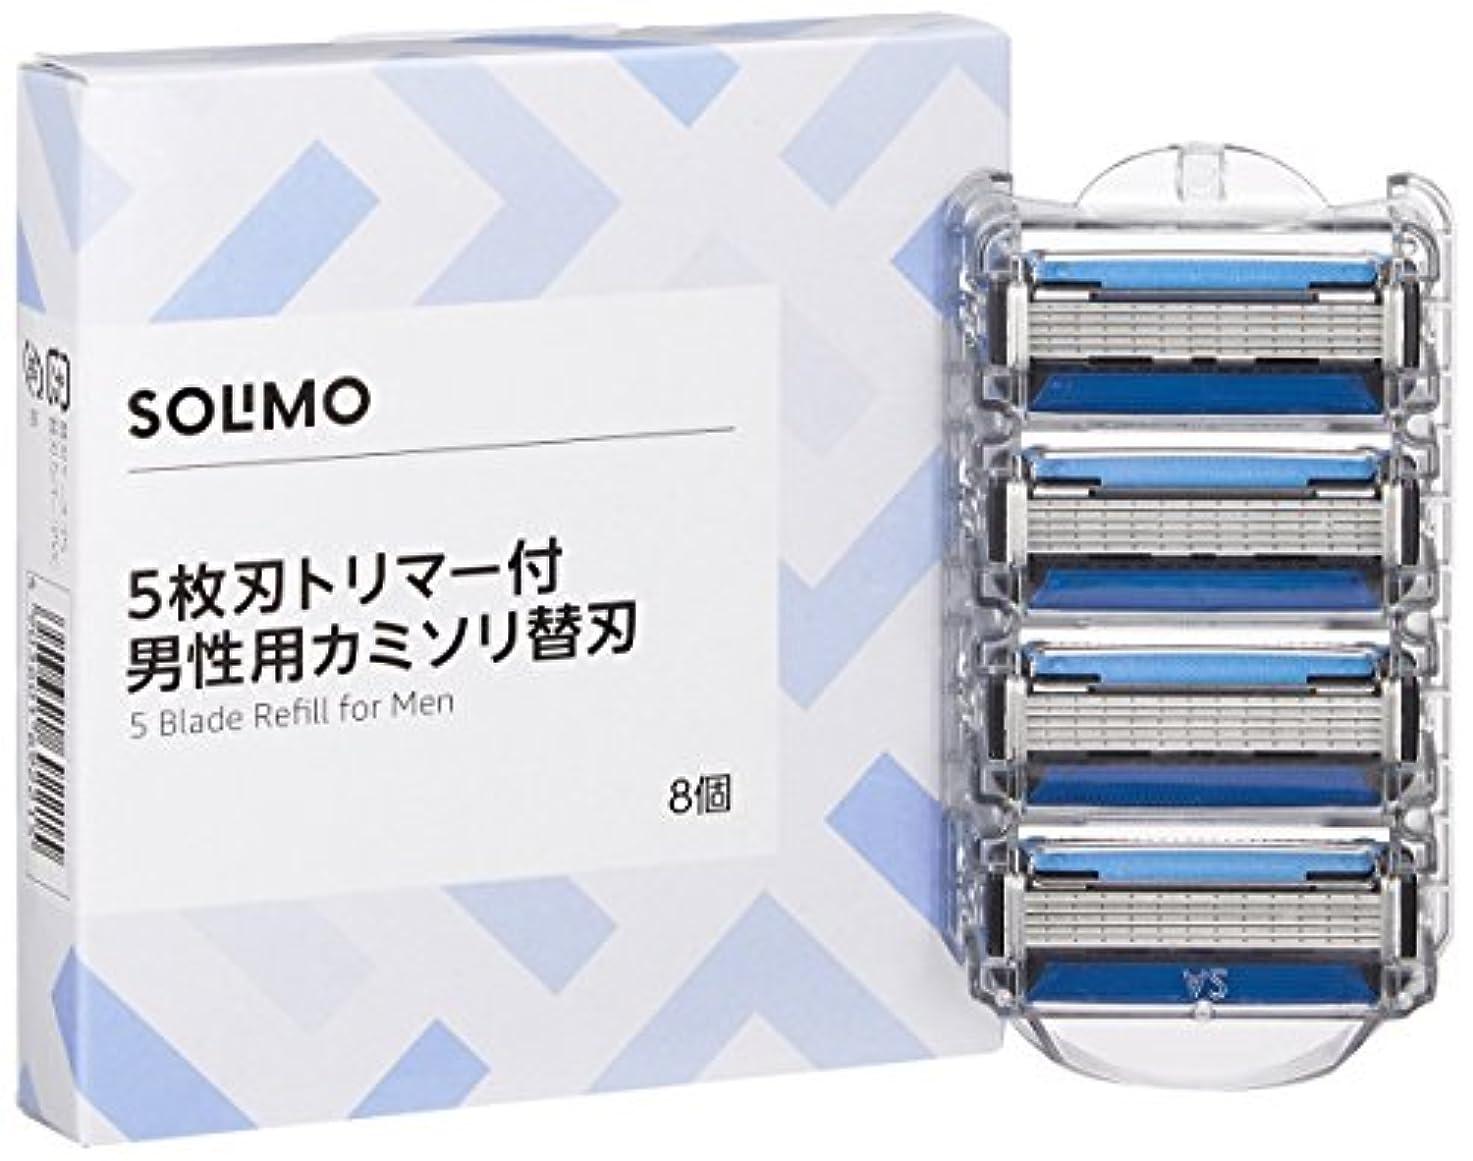 乱用イル欺[Amazonブランド]SOLIMO 5枚刃 トリマー付 男性用 カミソリ替刃8個